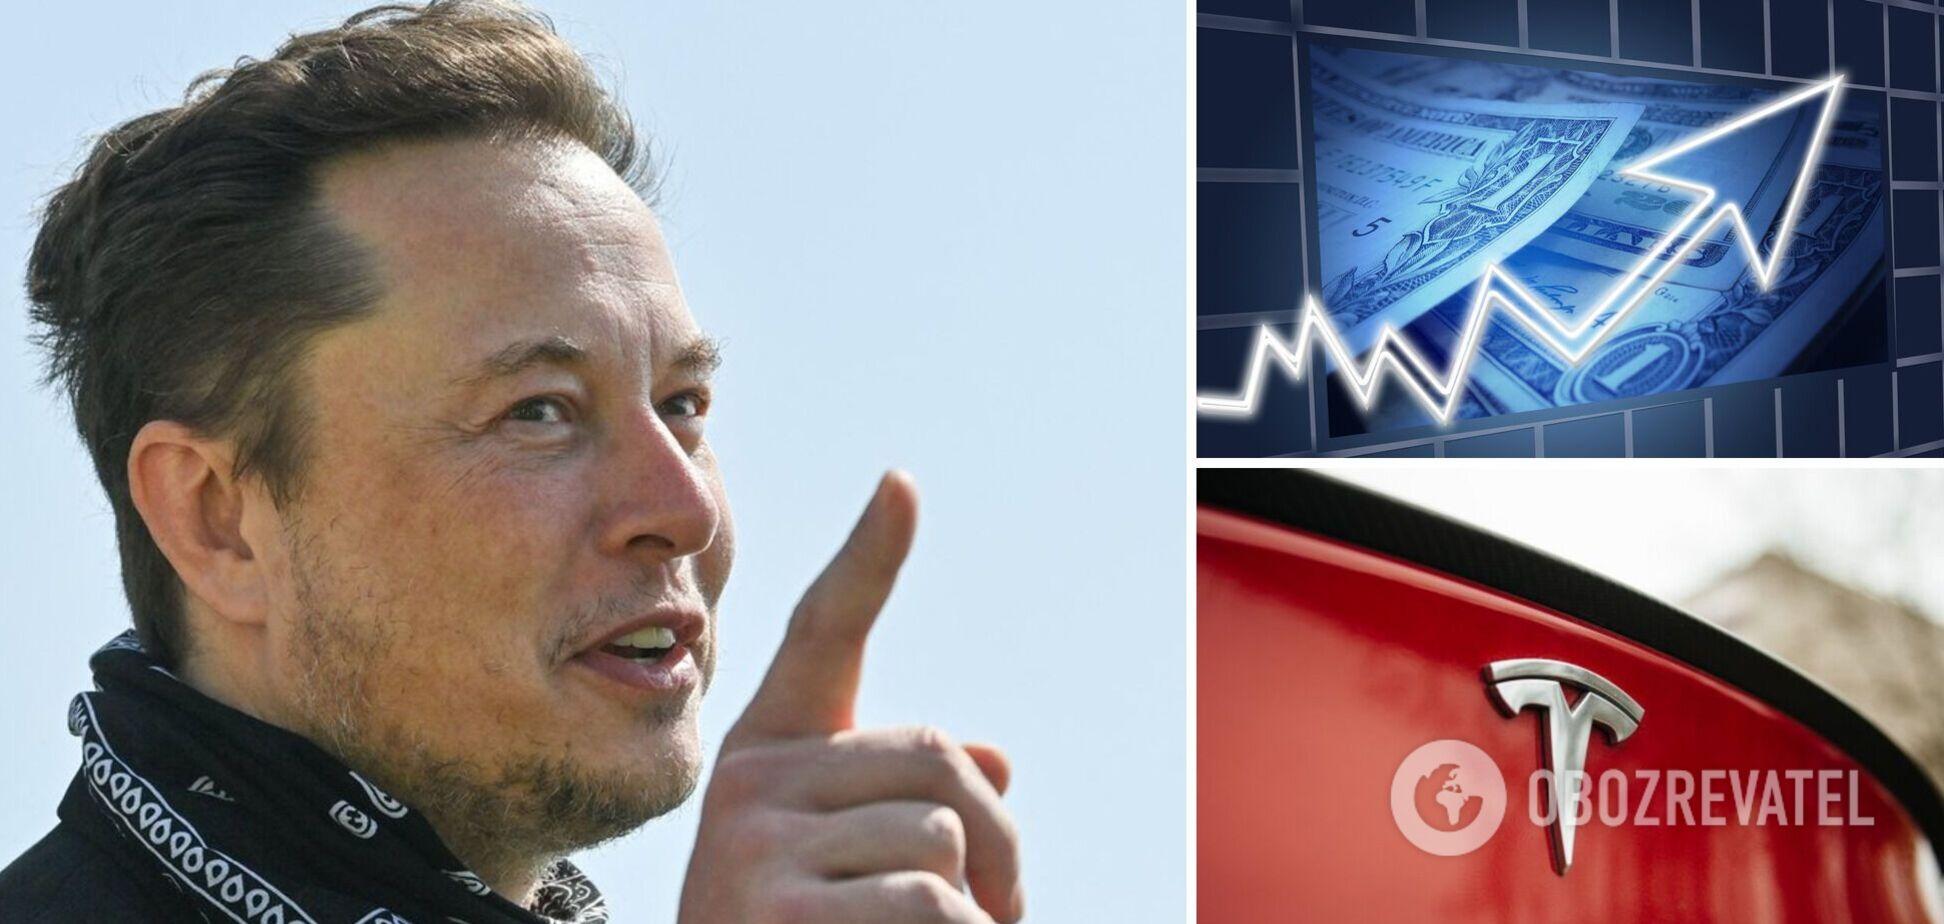 Маск возглавляет рейтинг богатейших людей мира